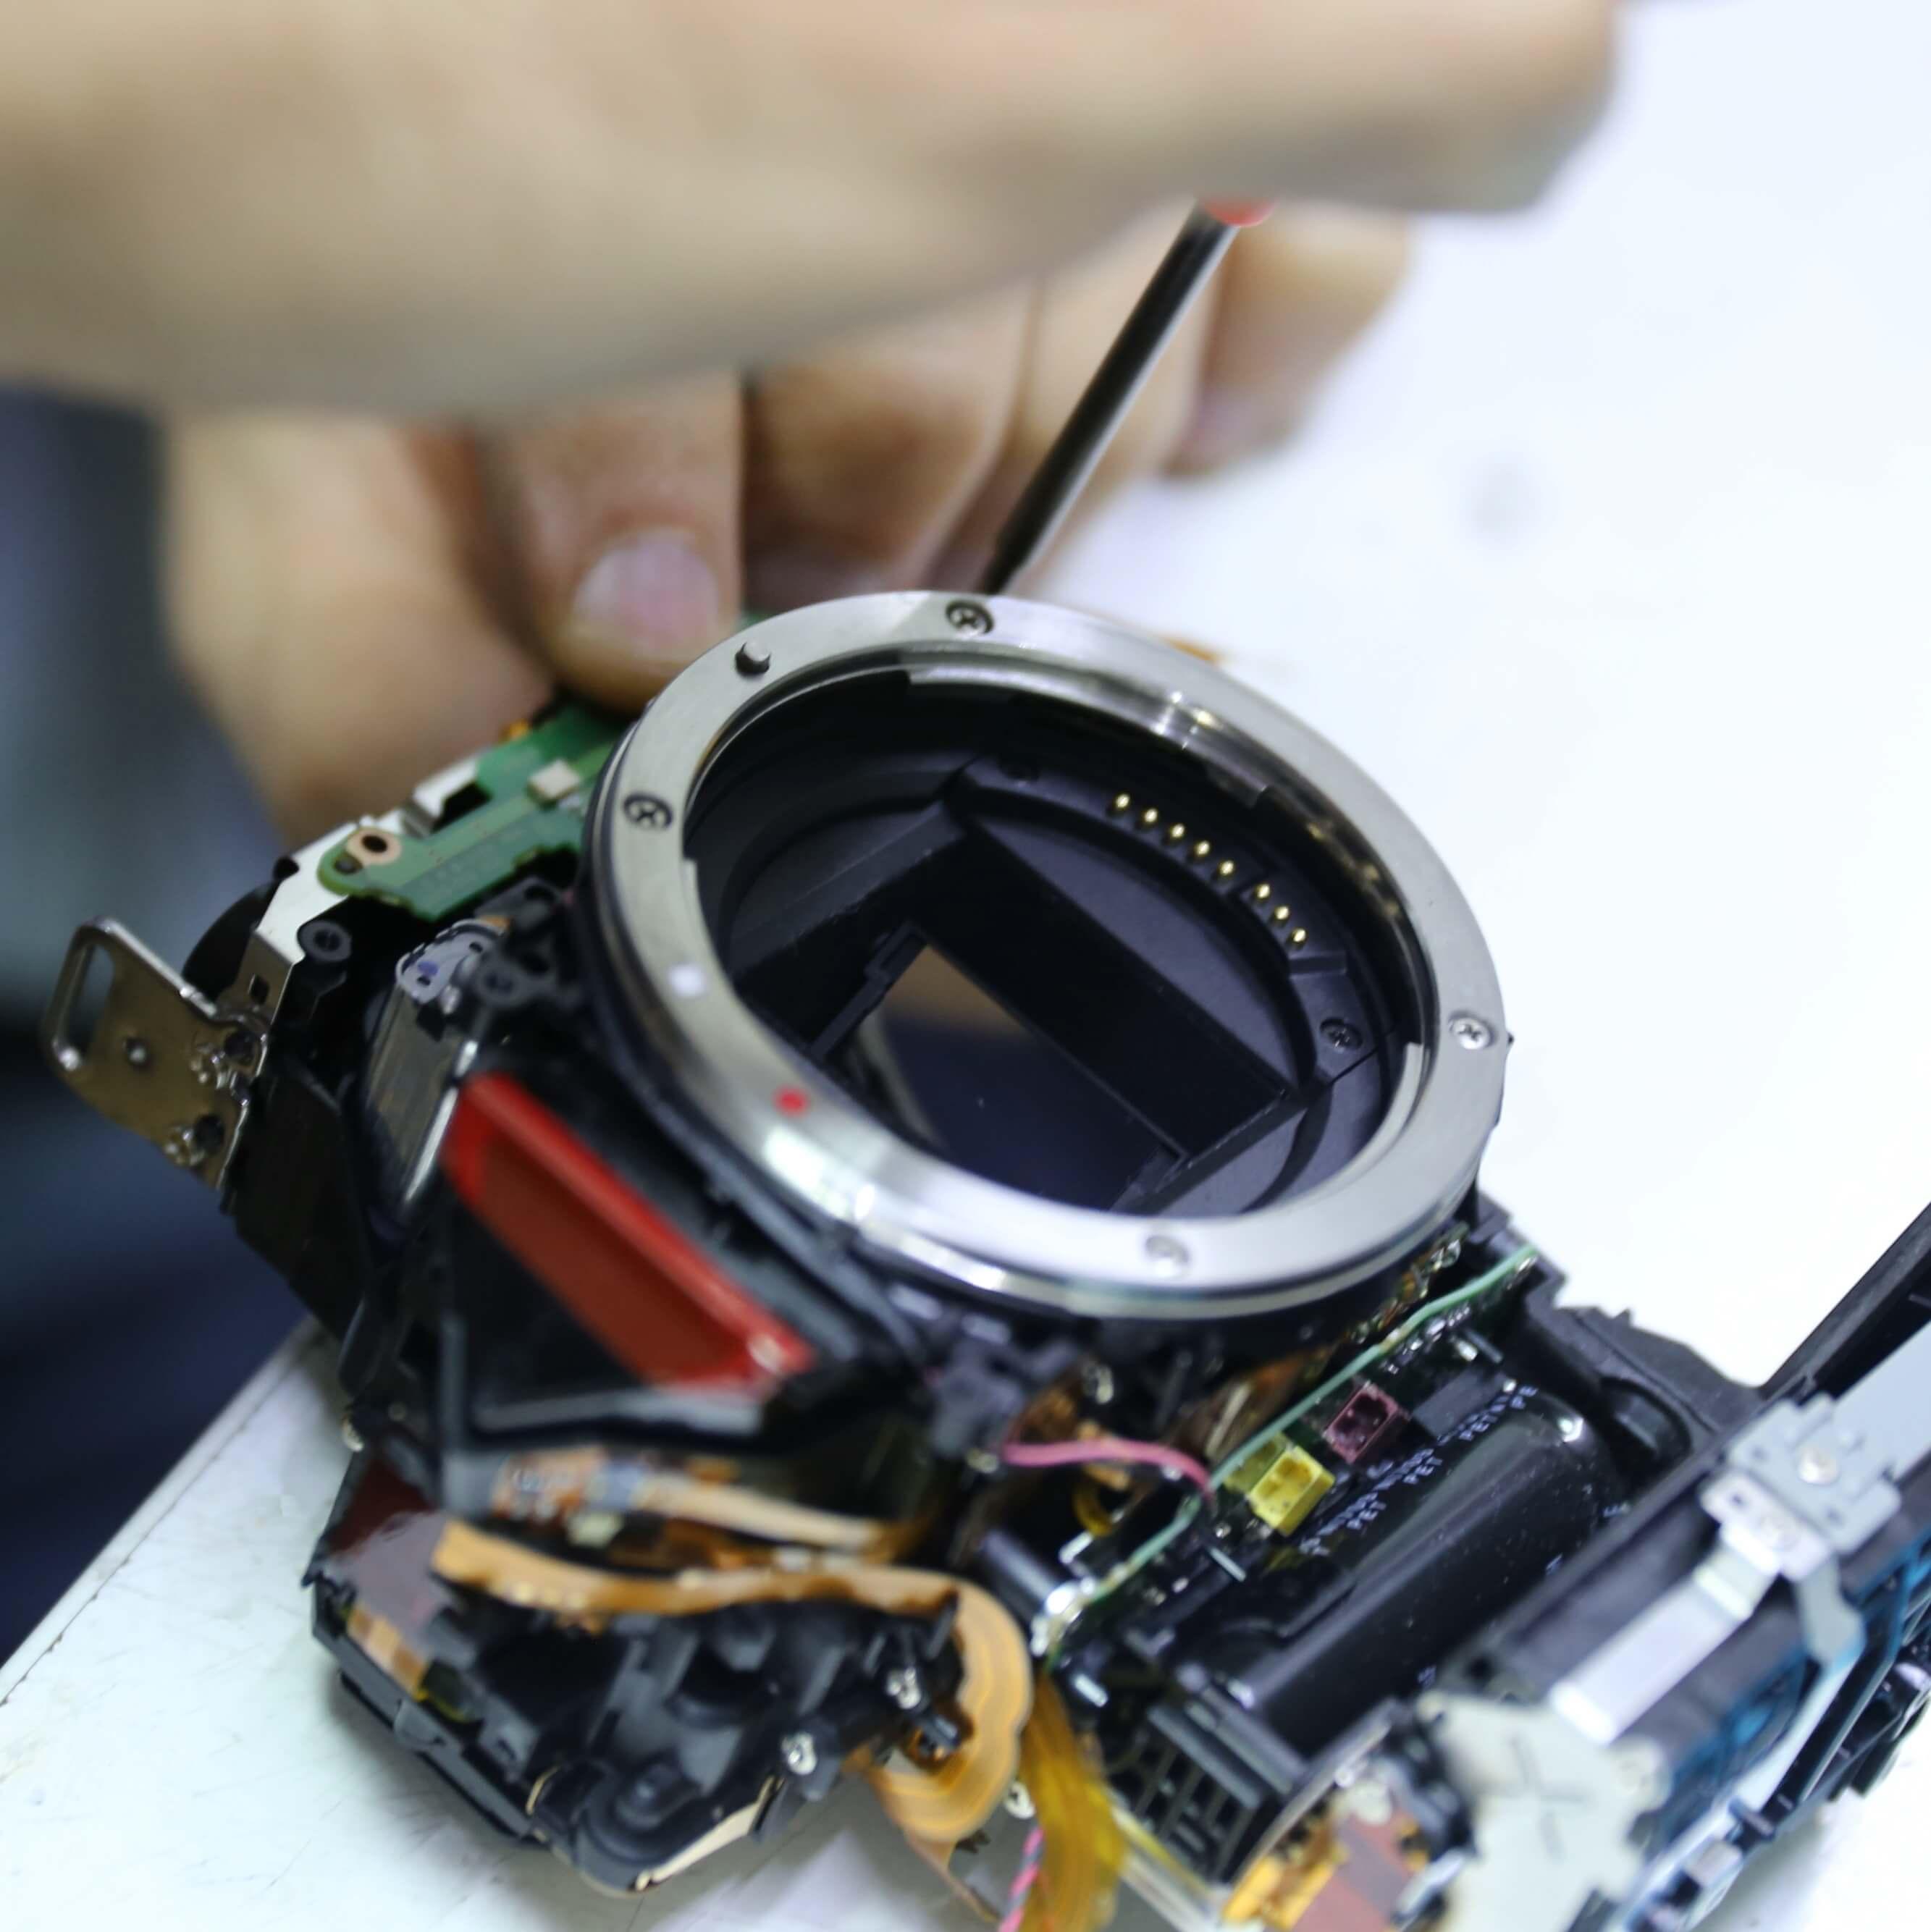 как понять когда менять затвор фотокамеры пикториальной школы